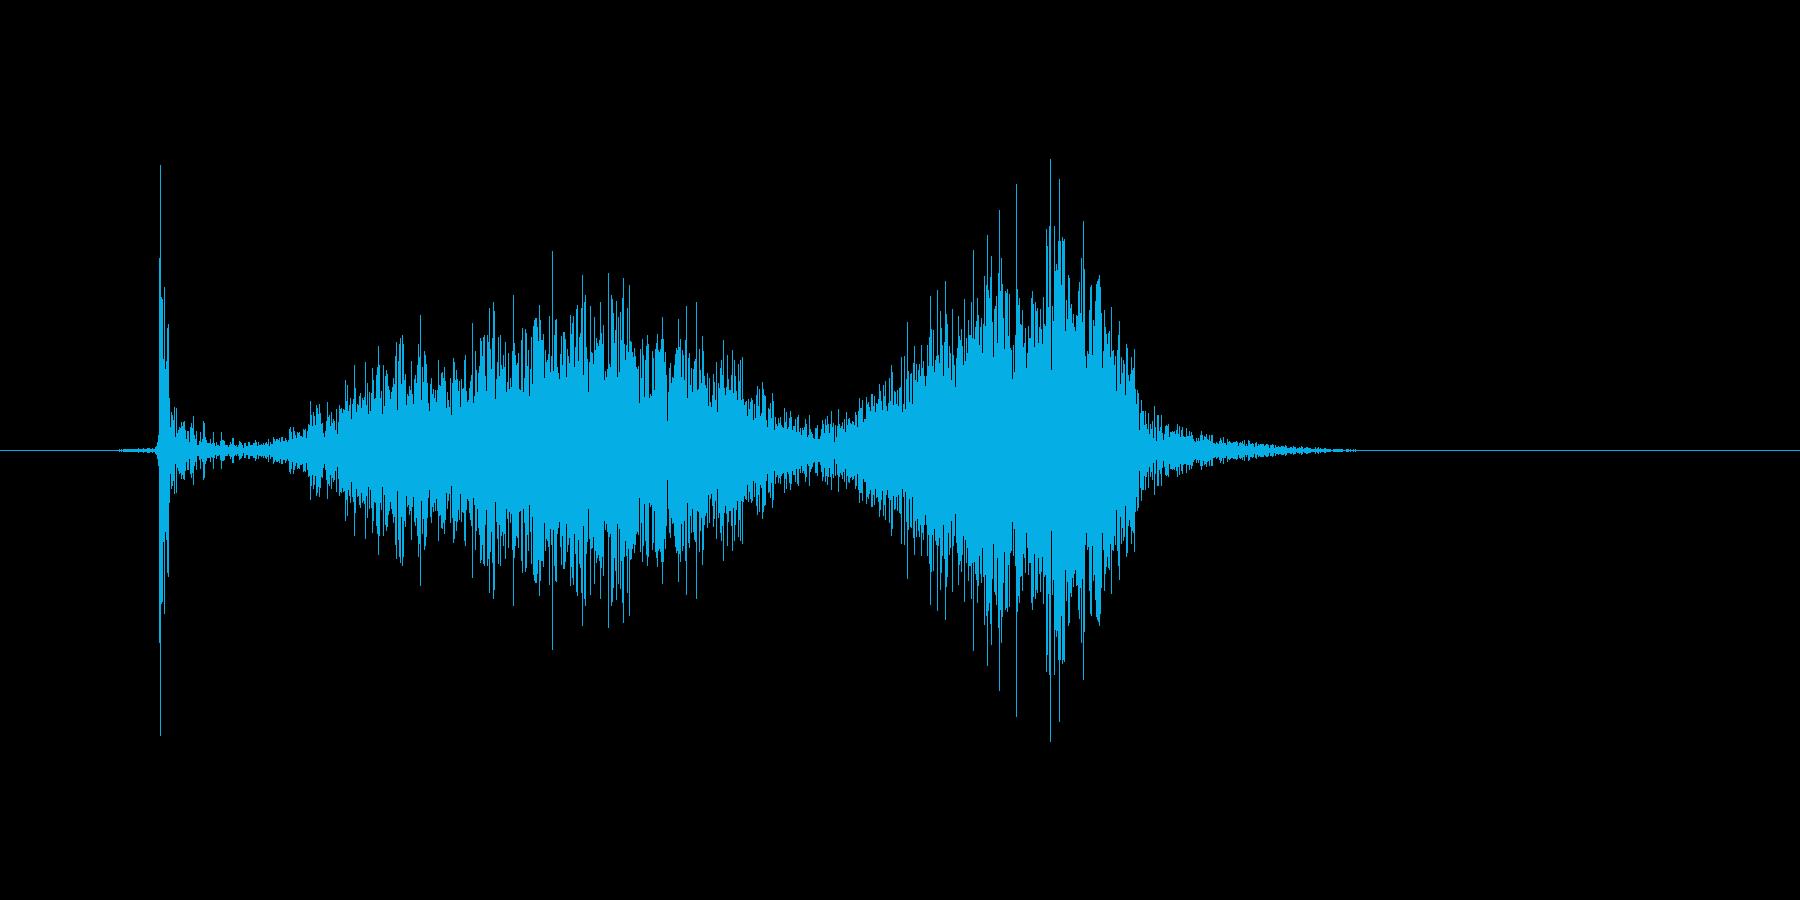 チョークで「はね」を書いたときの効果音2の再生済みの波形